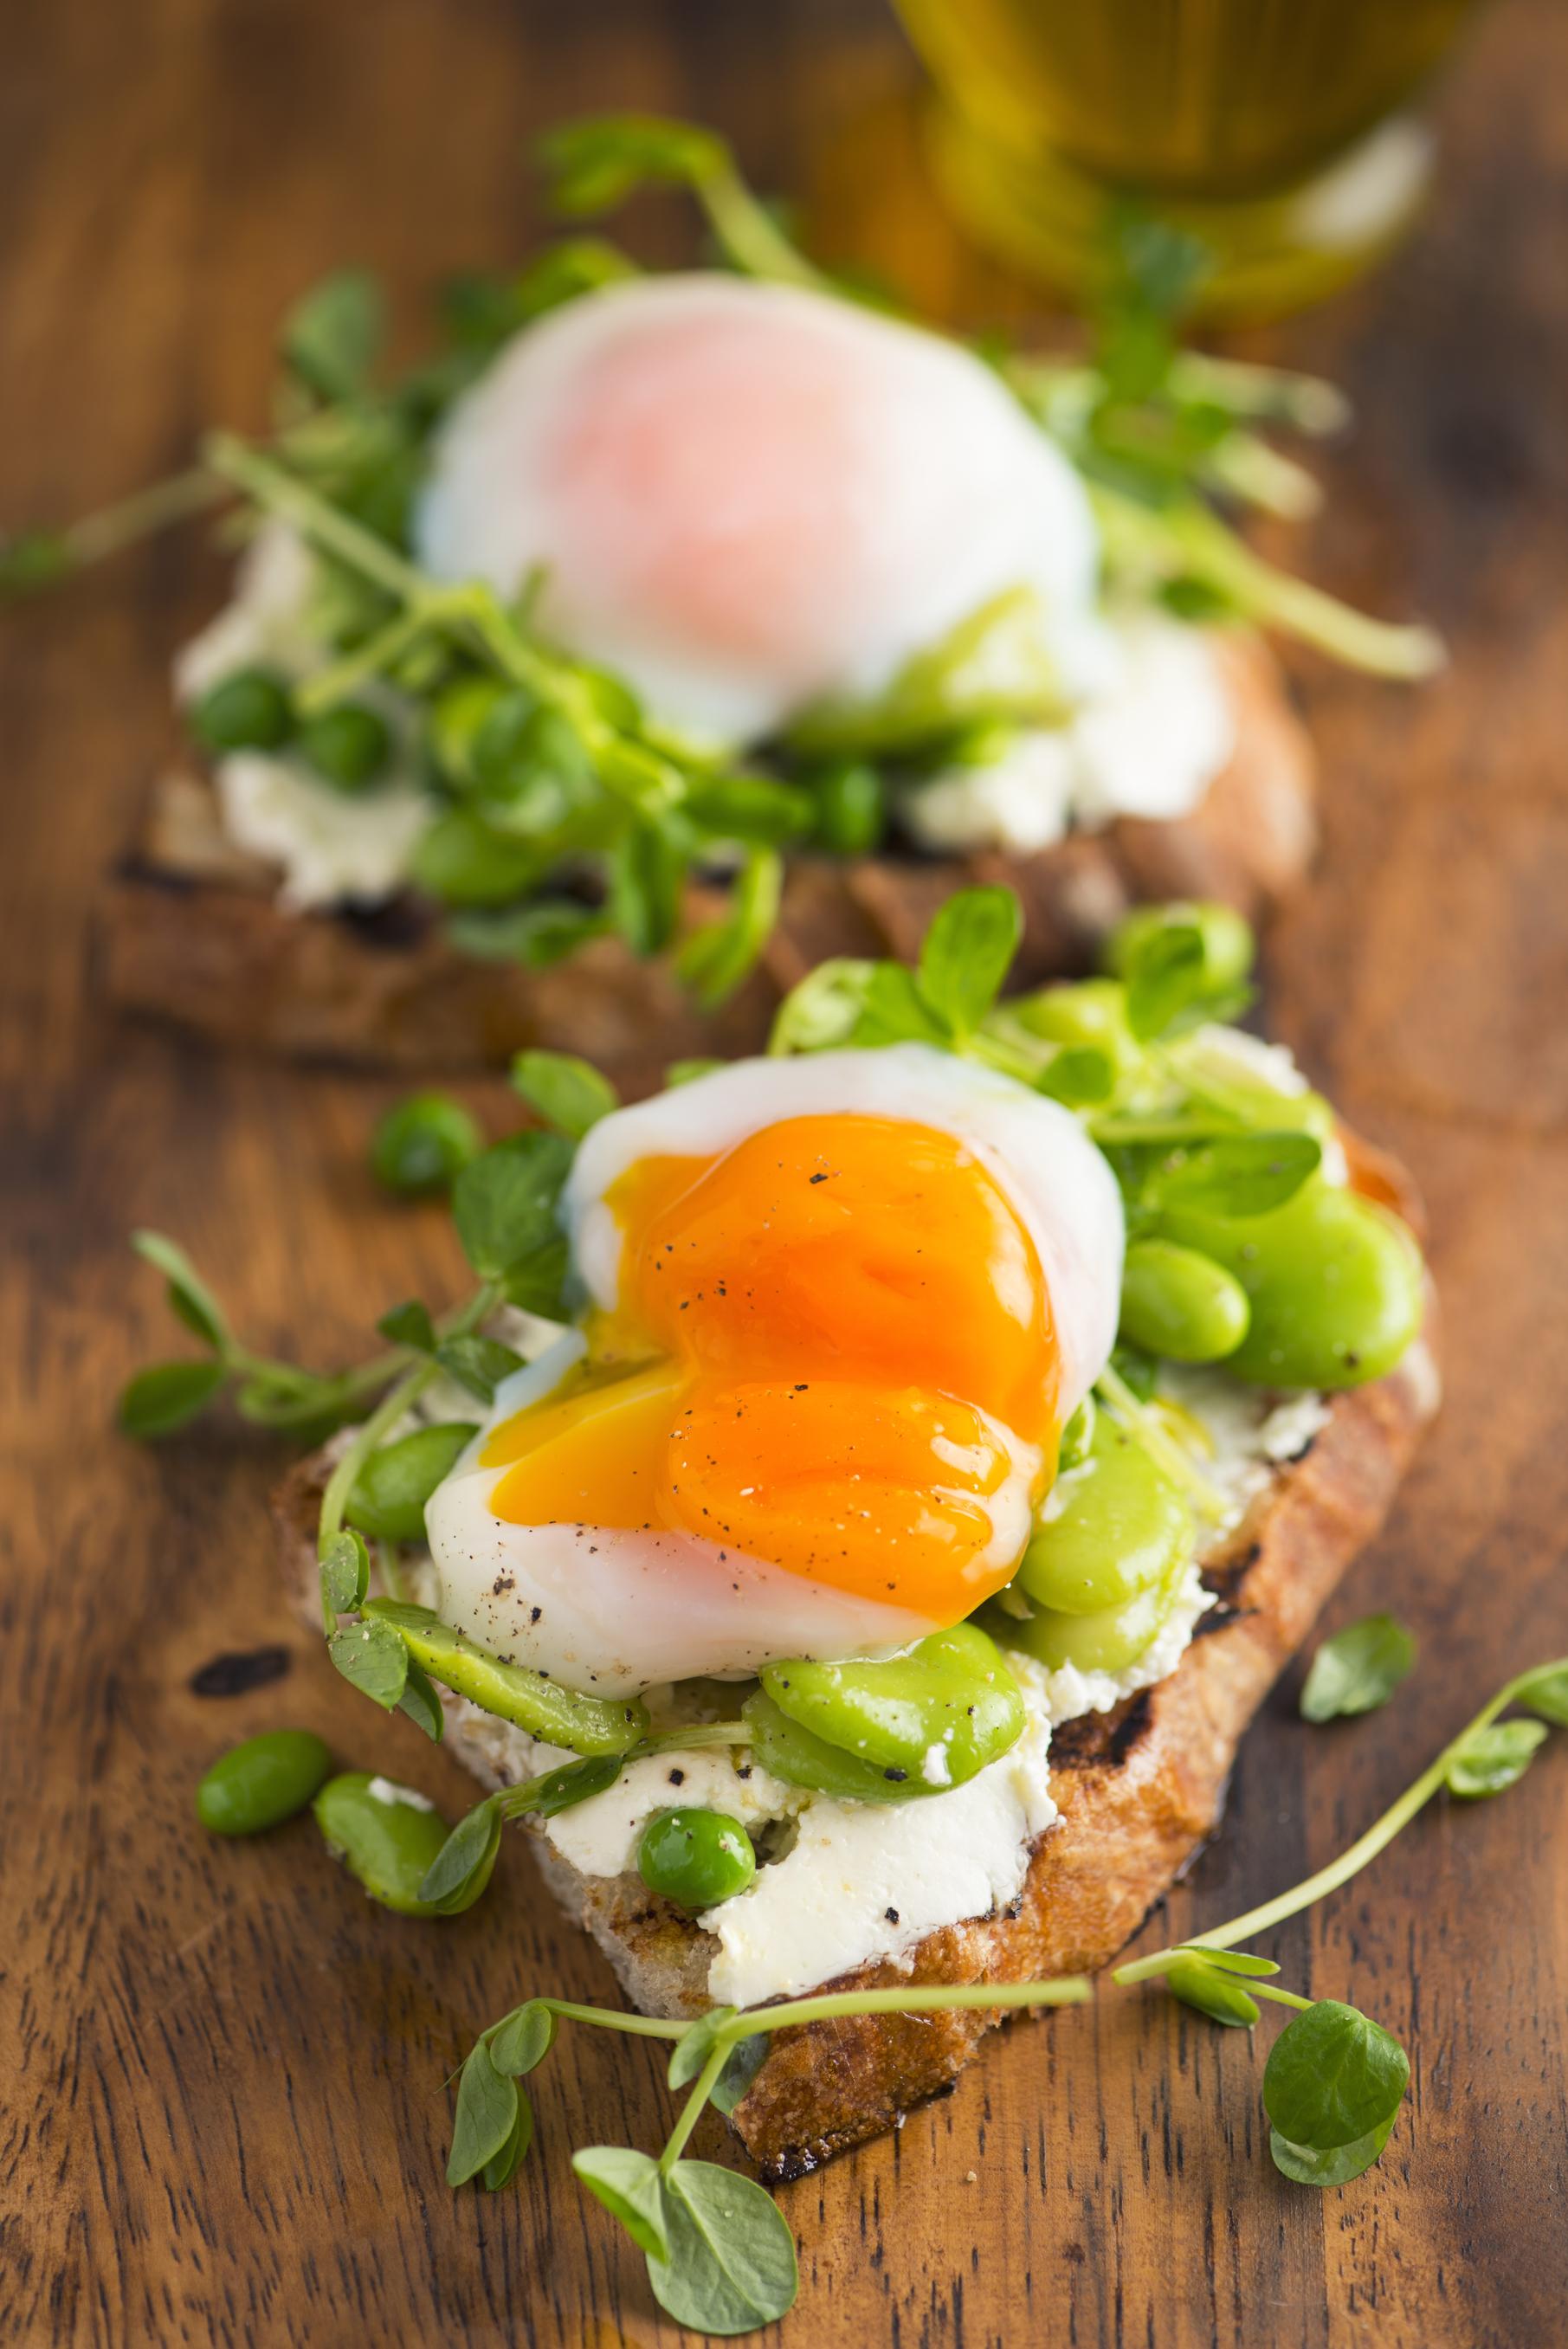 breakfast-catering-melbourne-greenleaf